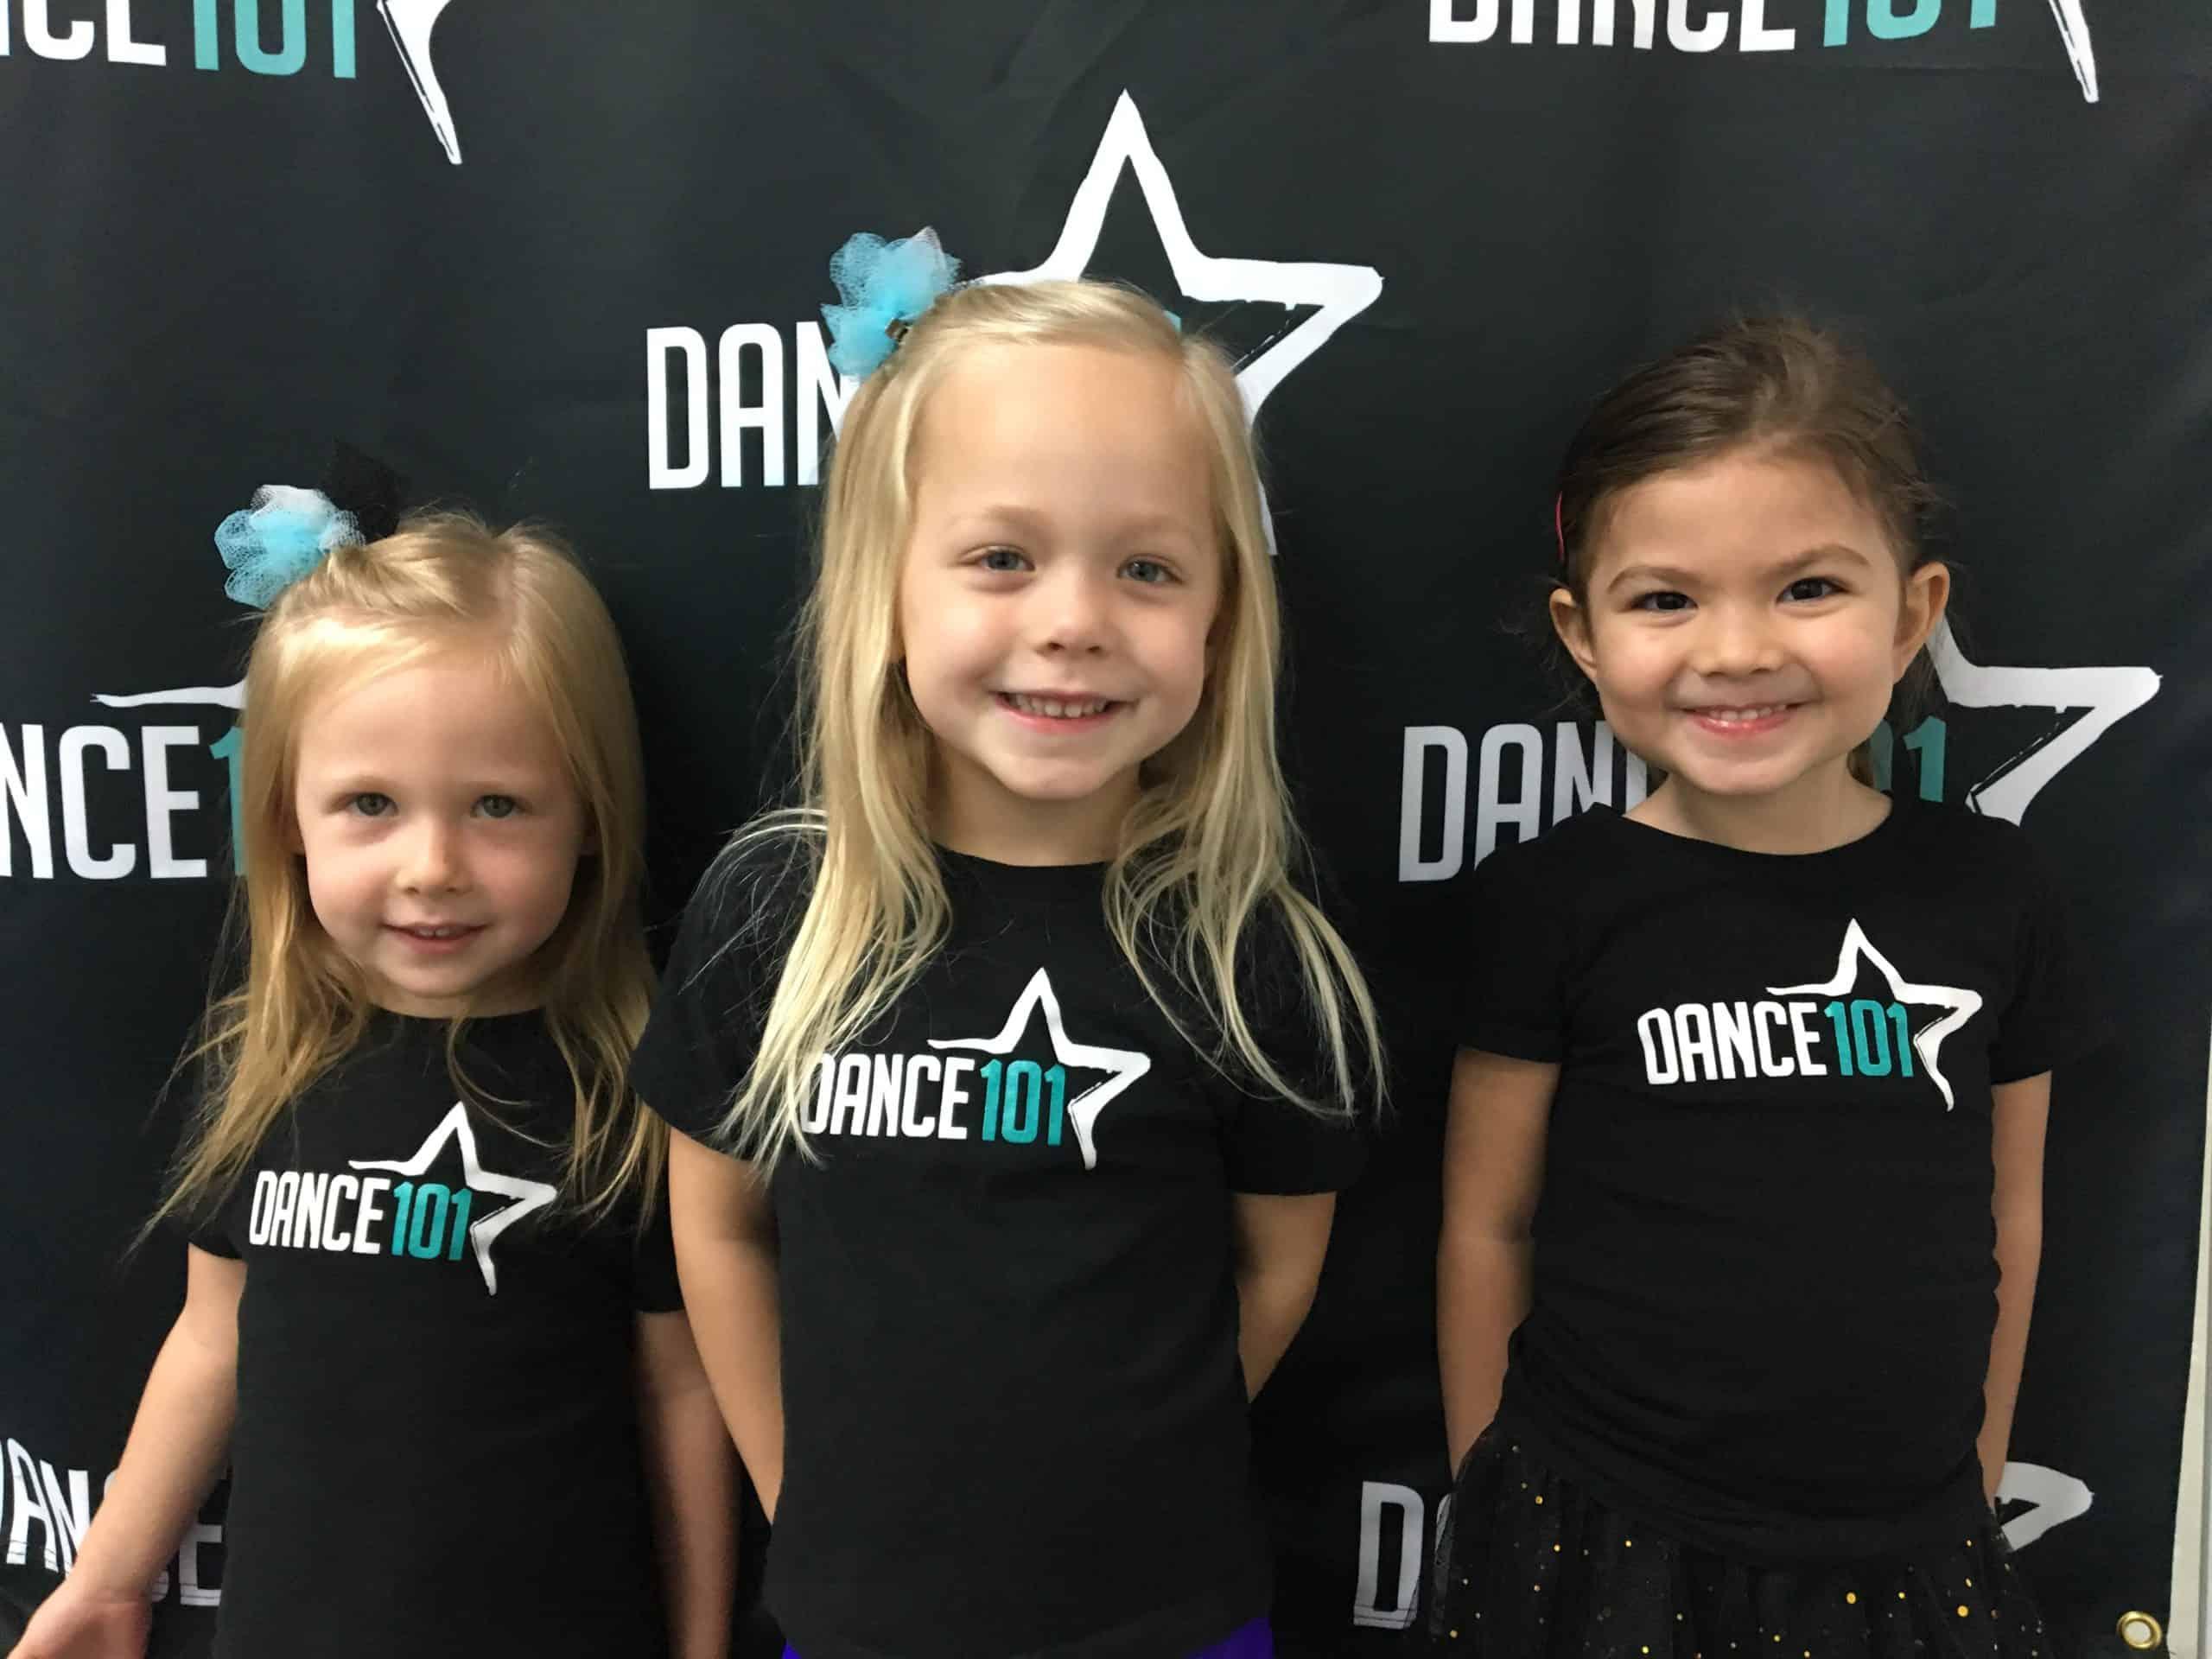 Dancer Wearing Matching Dance 101 Shirts